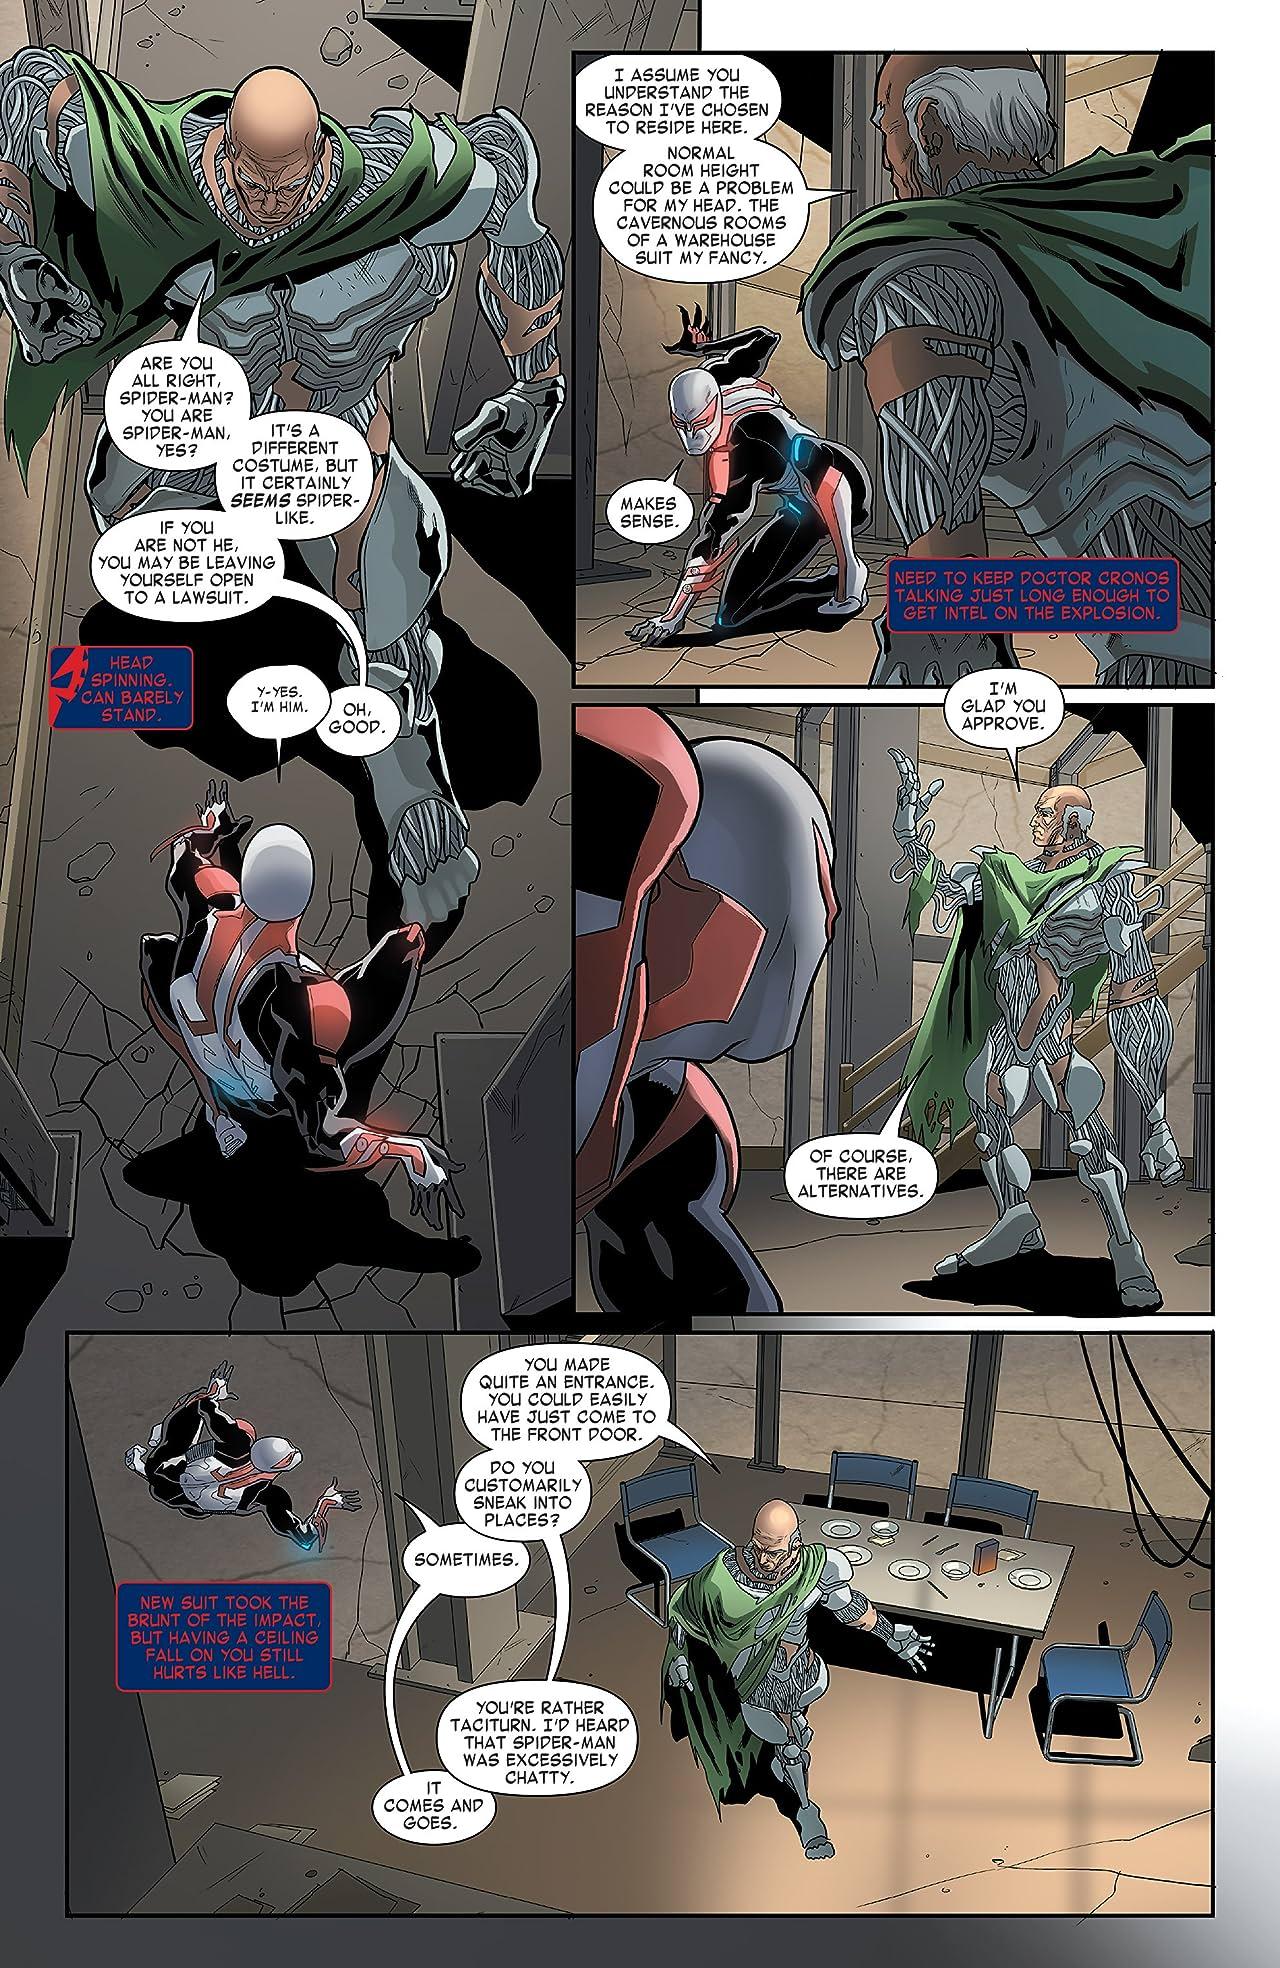 Spider-Man 2099 (2015-2017) #3